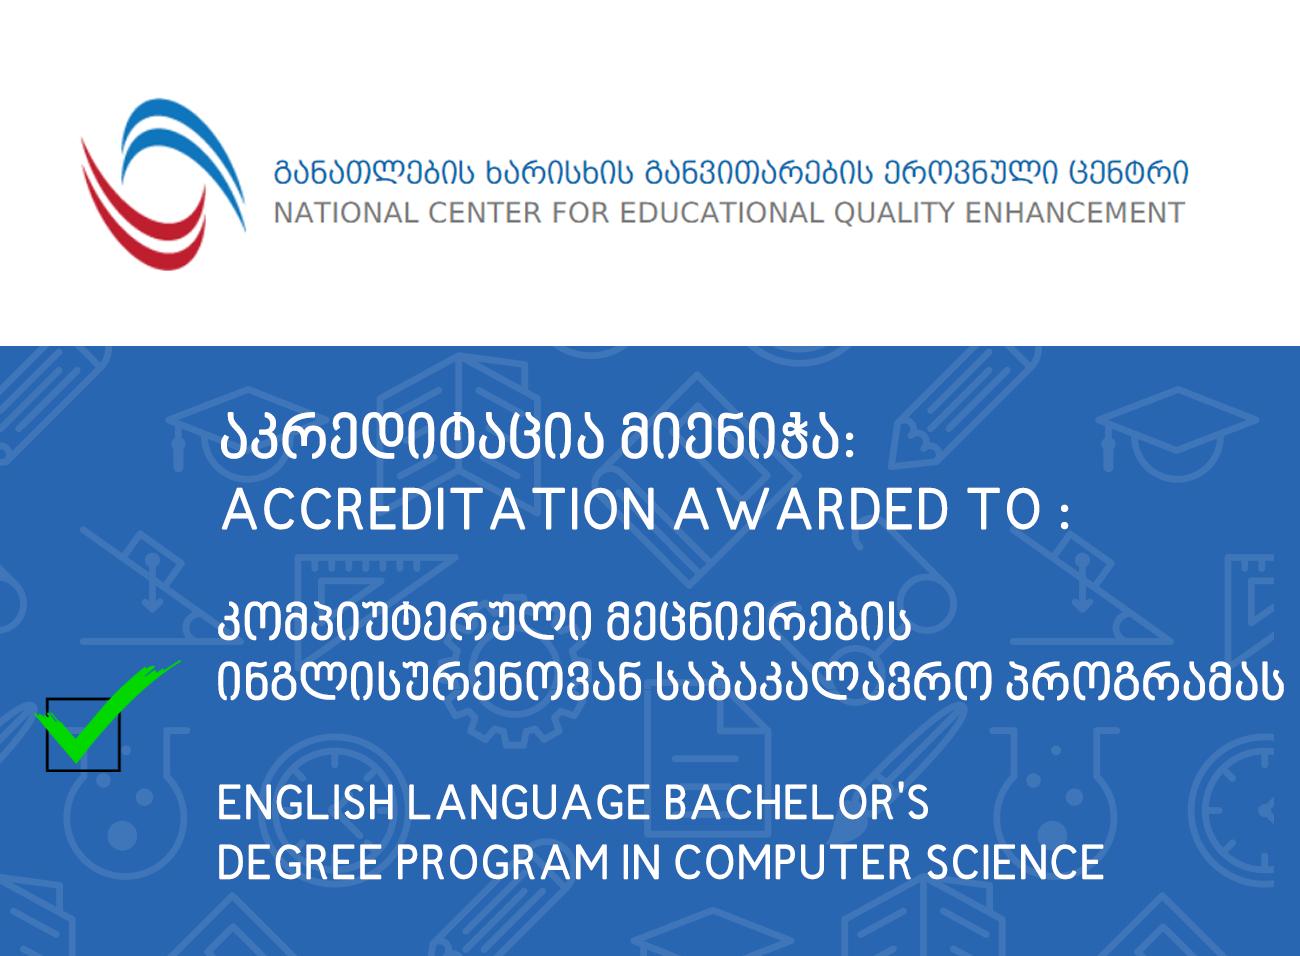 კომპიუტერული მეცნიერების ინგლისურენოვანი საბაკალავრო პროგრამის აკრედიტაცია